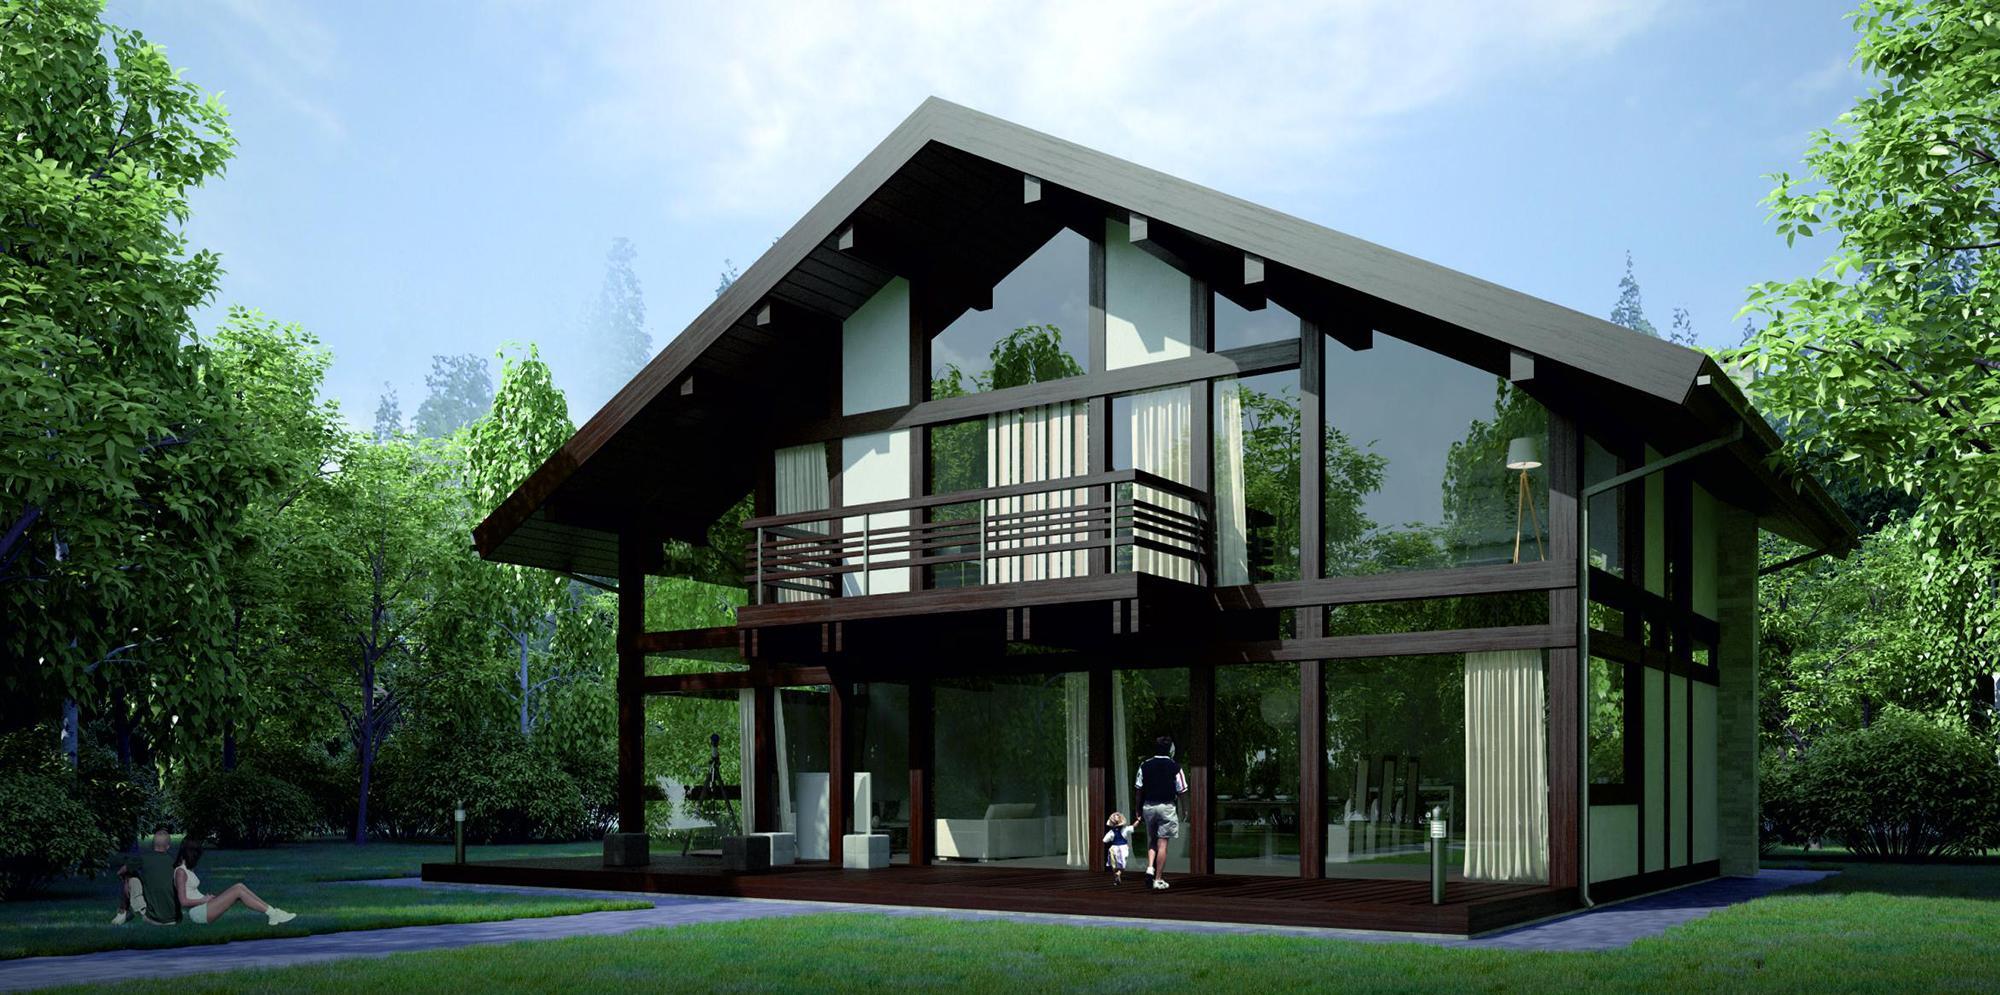 Двухэтажный дом в немецком стиле